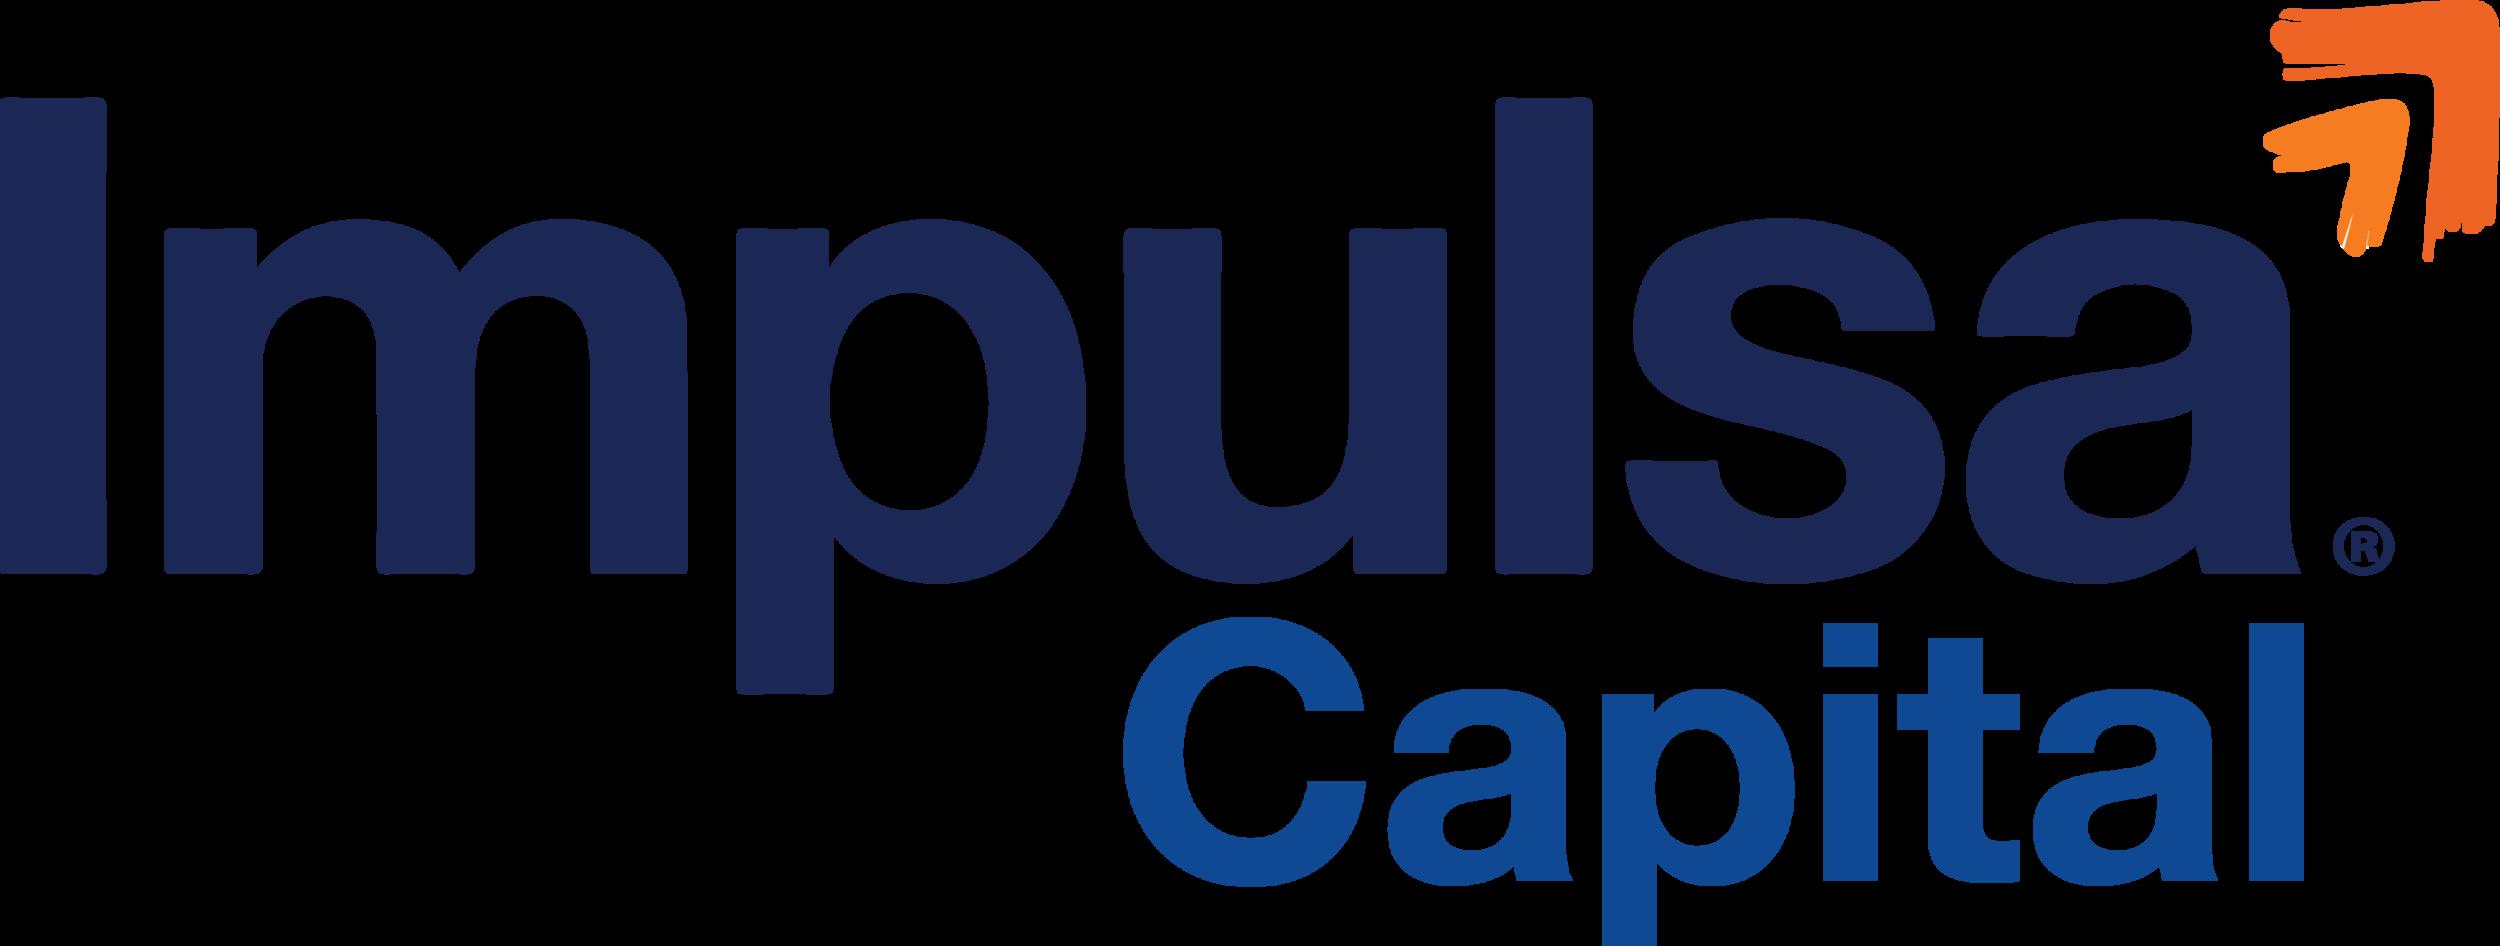 impulsa capital.png